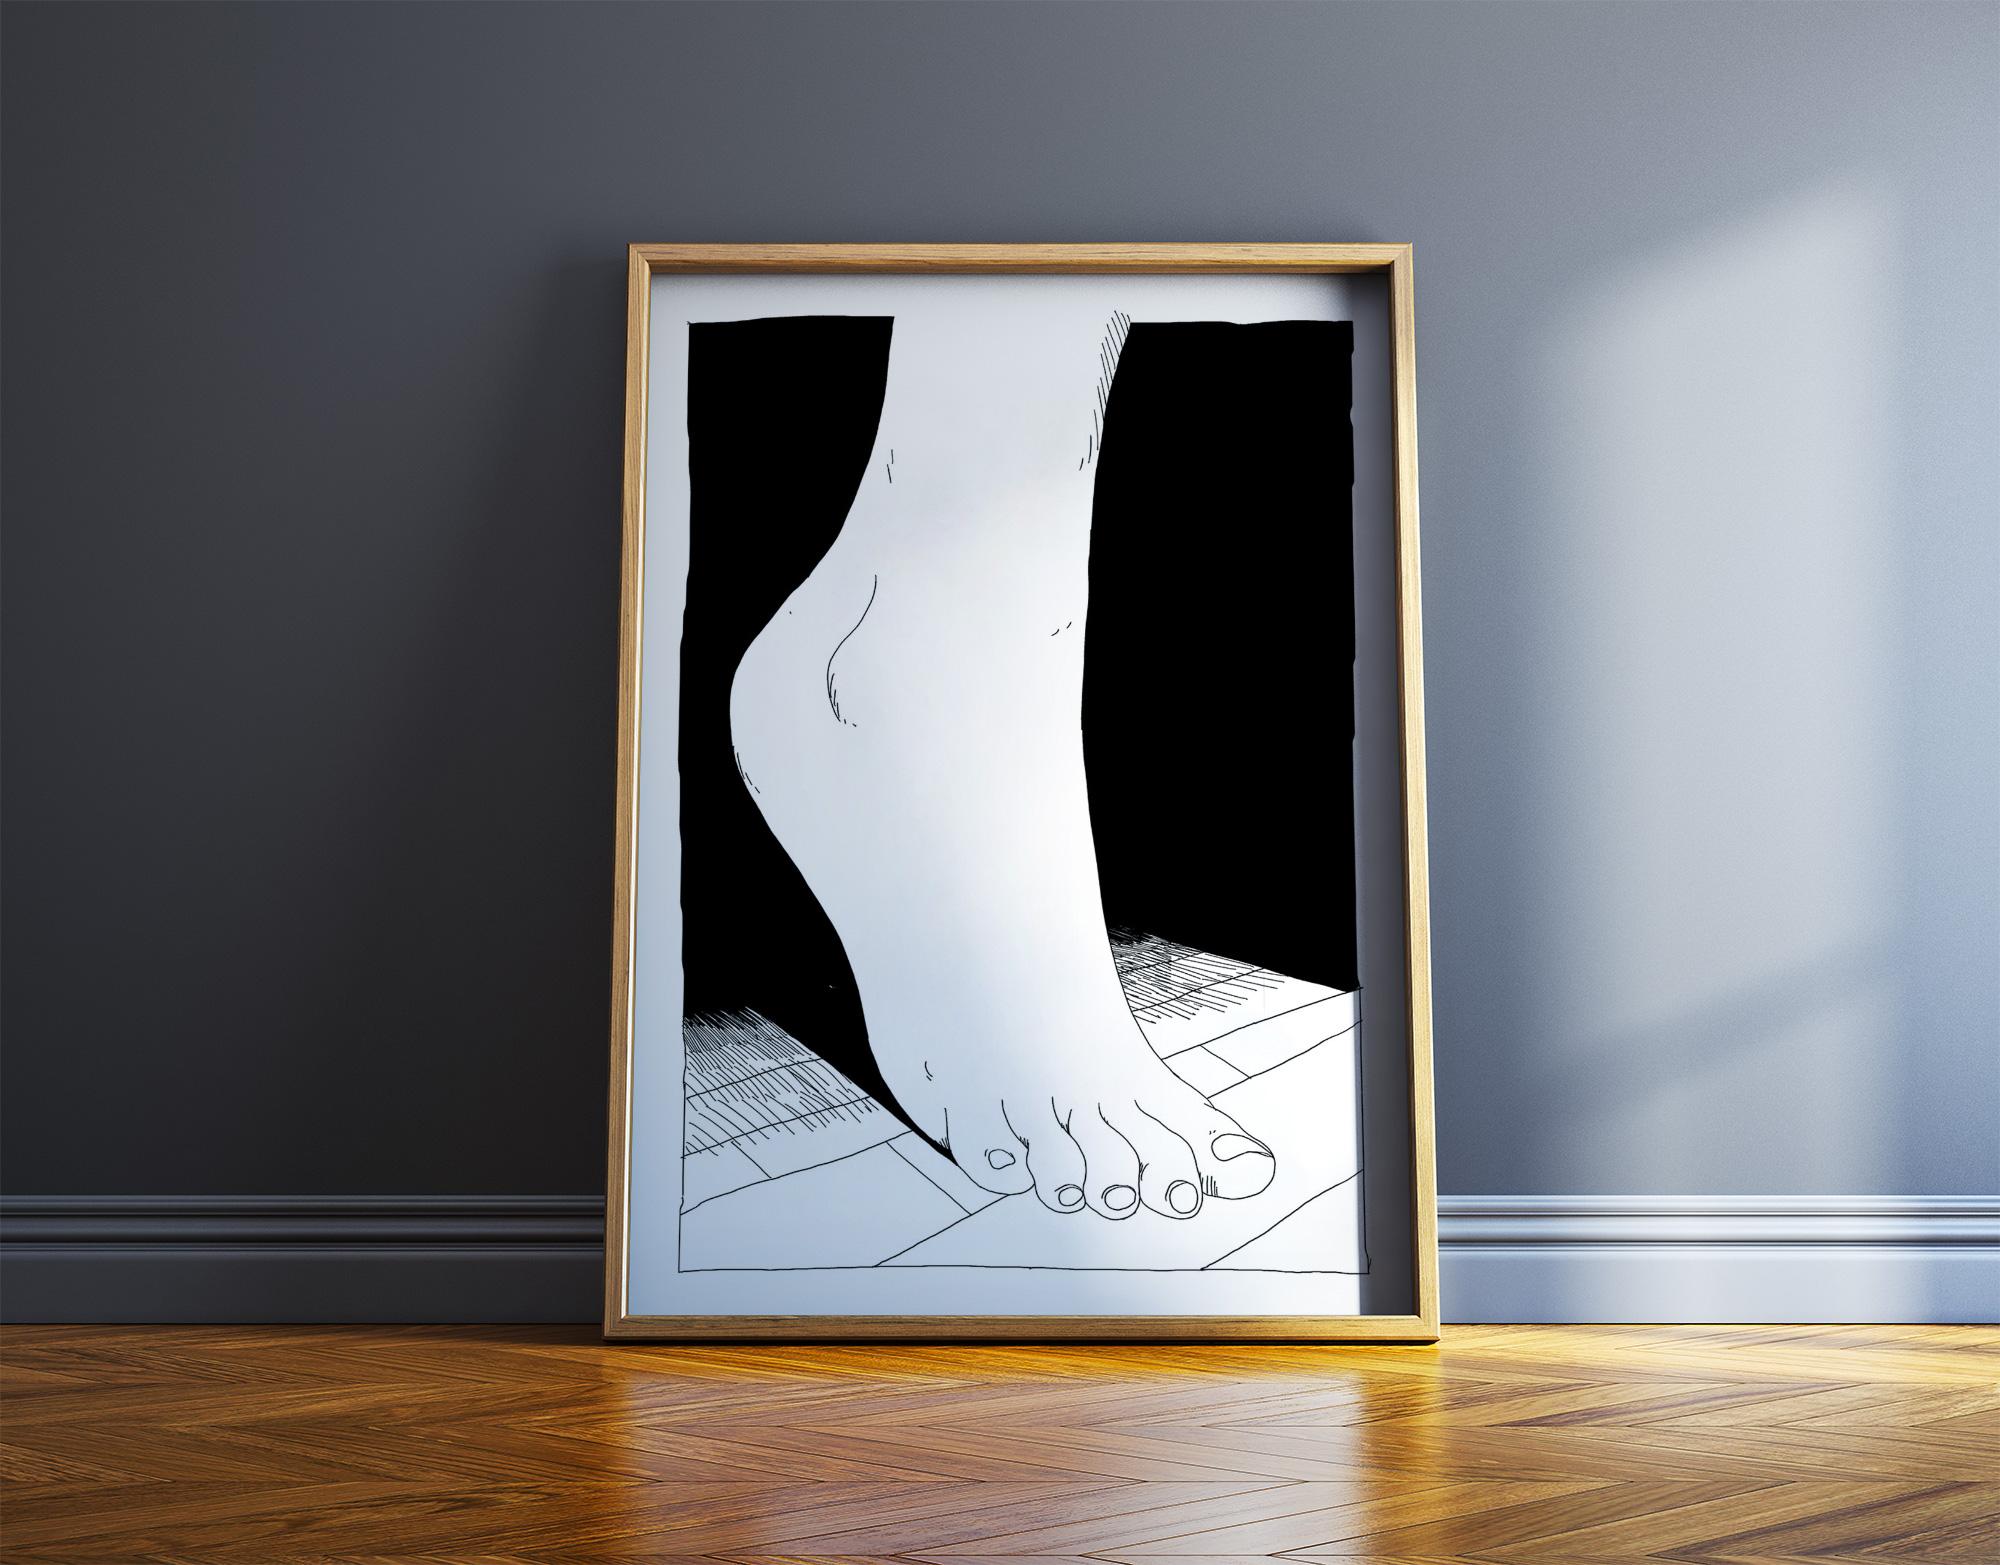 kunsttryk, gliceé, grafiske, illustrative, monokrome, portræt, kroppe, seksualitet, sorte, hvide, papir, sort-hvide, samtidskunst, dansk, design, erotiske, interiør, bolig-indretning, moderne, moderne-kunst, nordisk, plakater, tryk, skandinavisk, seksuel, Køb original kunst og kunstplakater. Malerier, tegninger, limited edition kunsttryk & plakater af dygtige kunstnere.